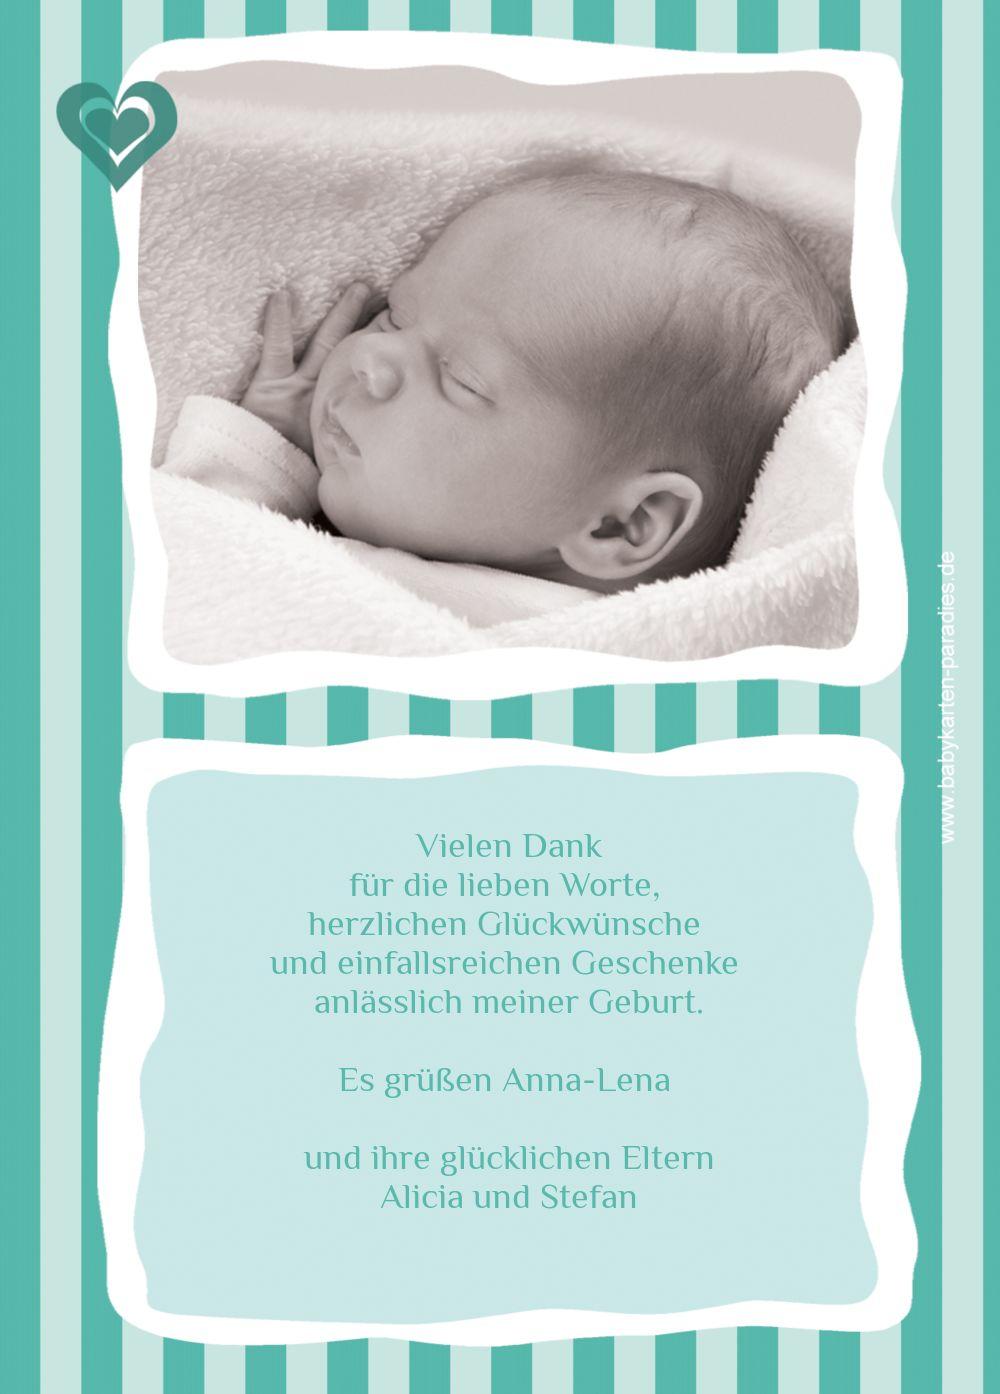 Ansicht 3 - Baby Dankeskarte Harmonie